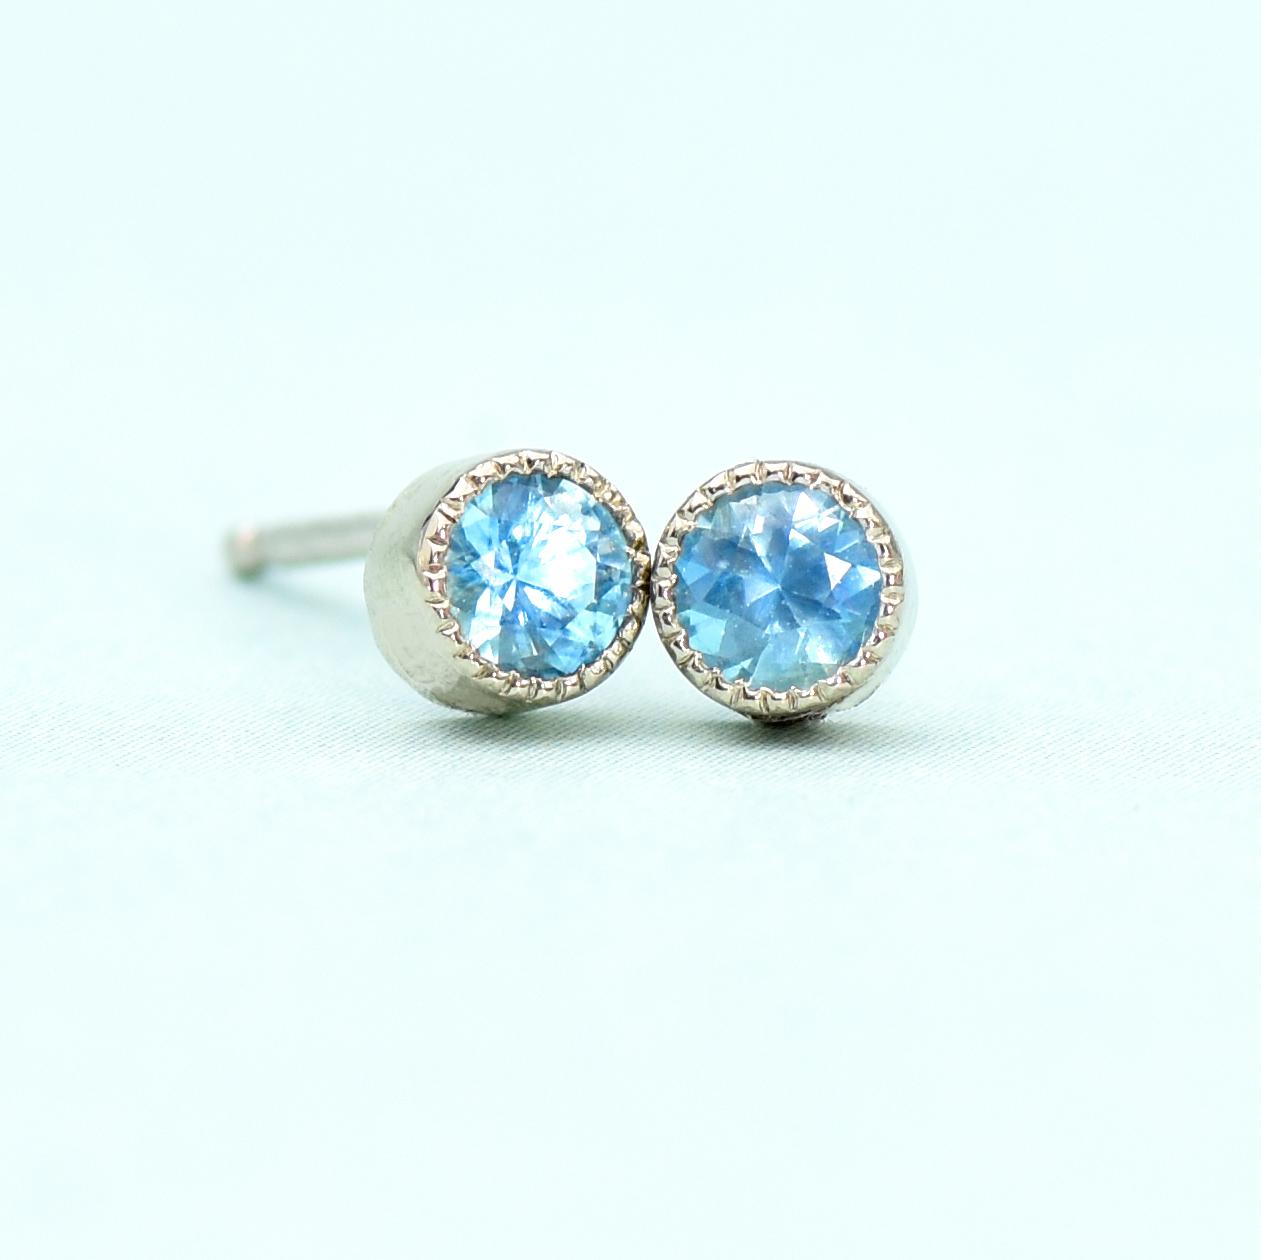 Blue Topaz Stud Earrings In 18ct White Gold December Birthstone